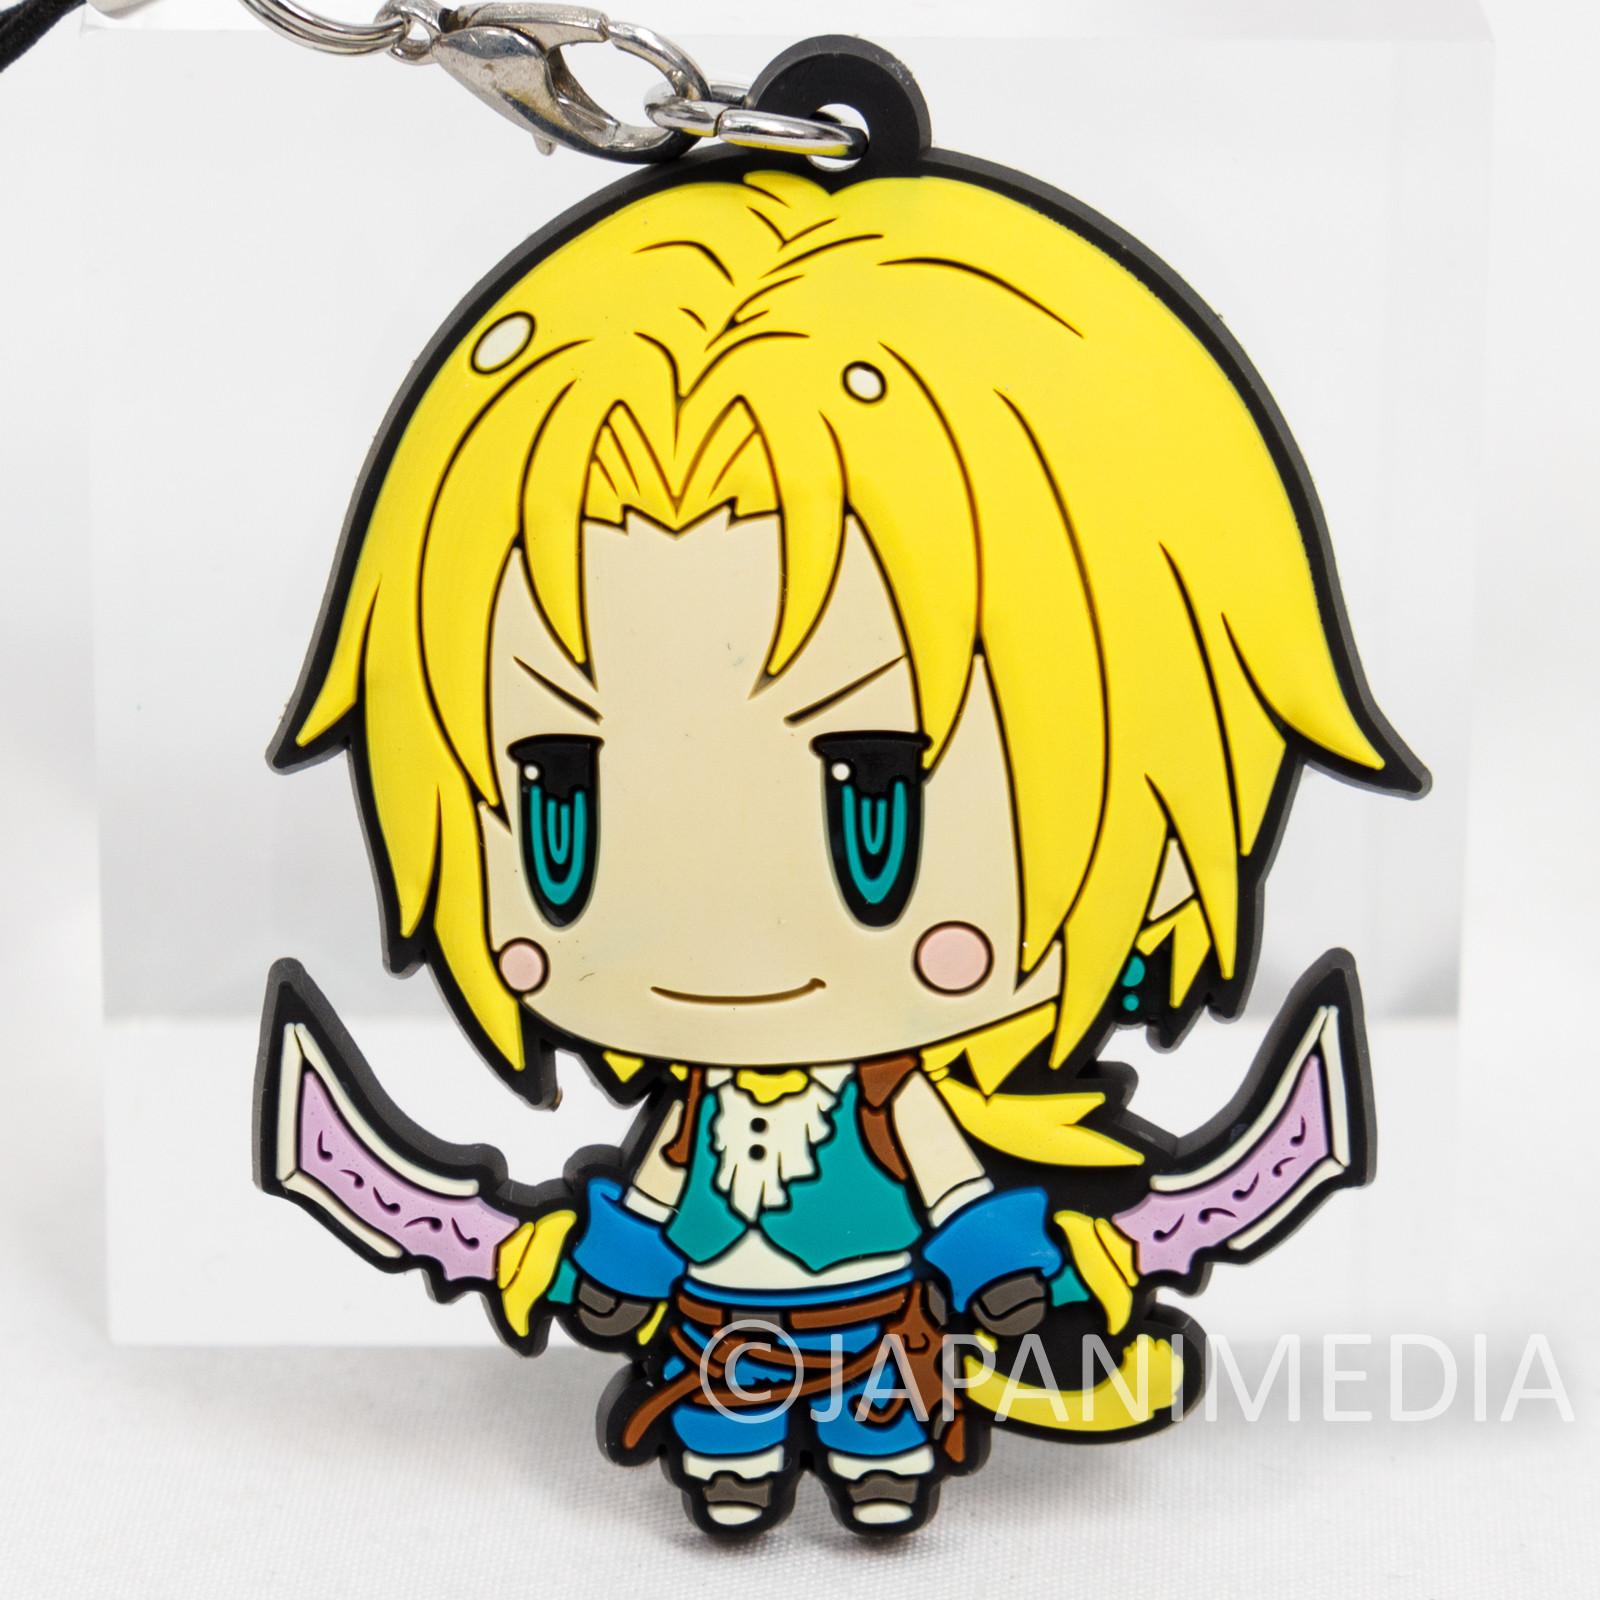 Final Fantasy Zidane Tribal Mascot Rubber Strap JAPAN SQUARE ENIX